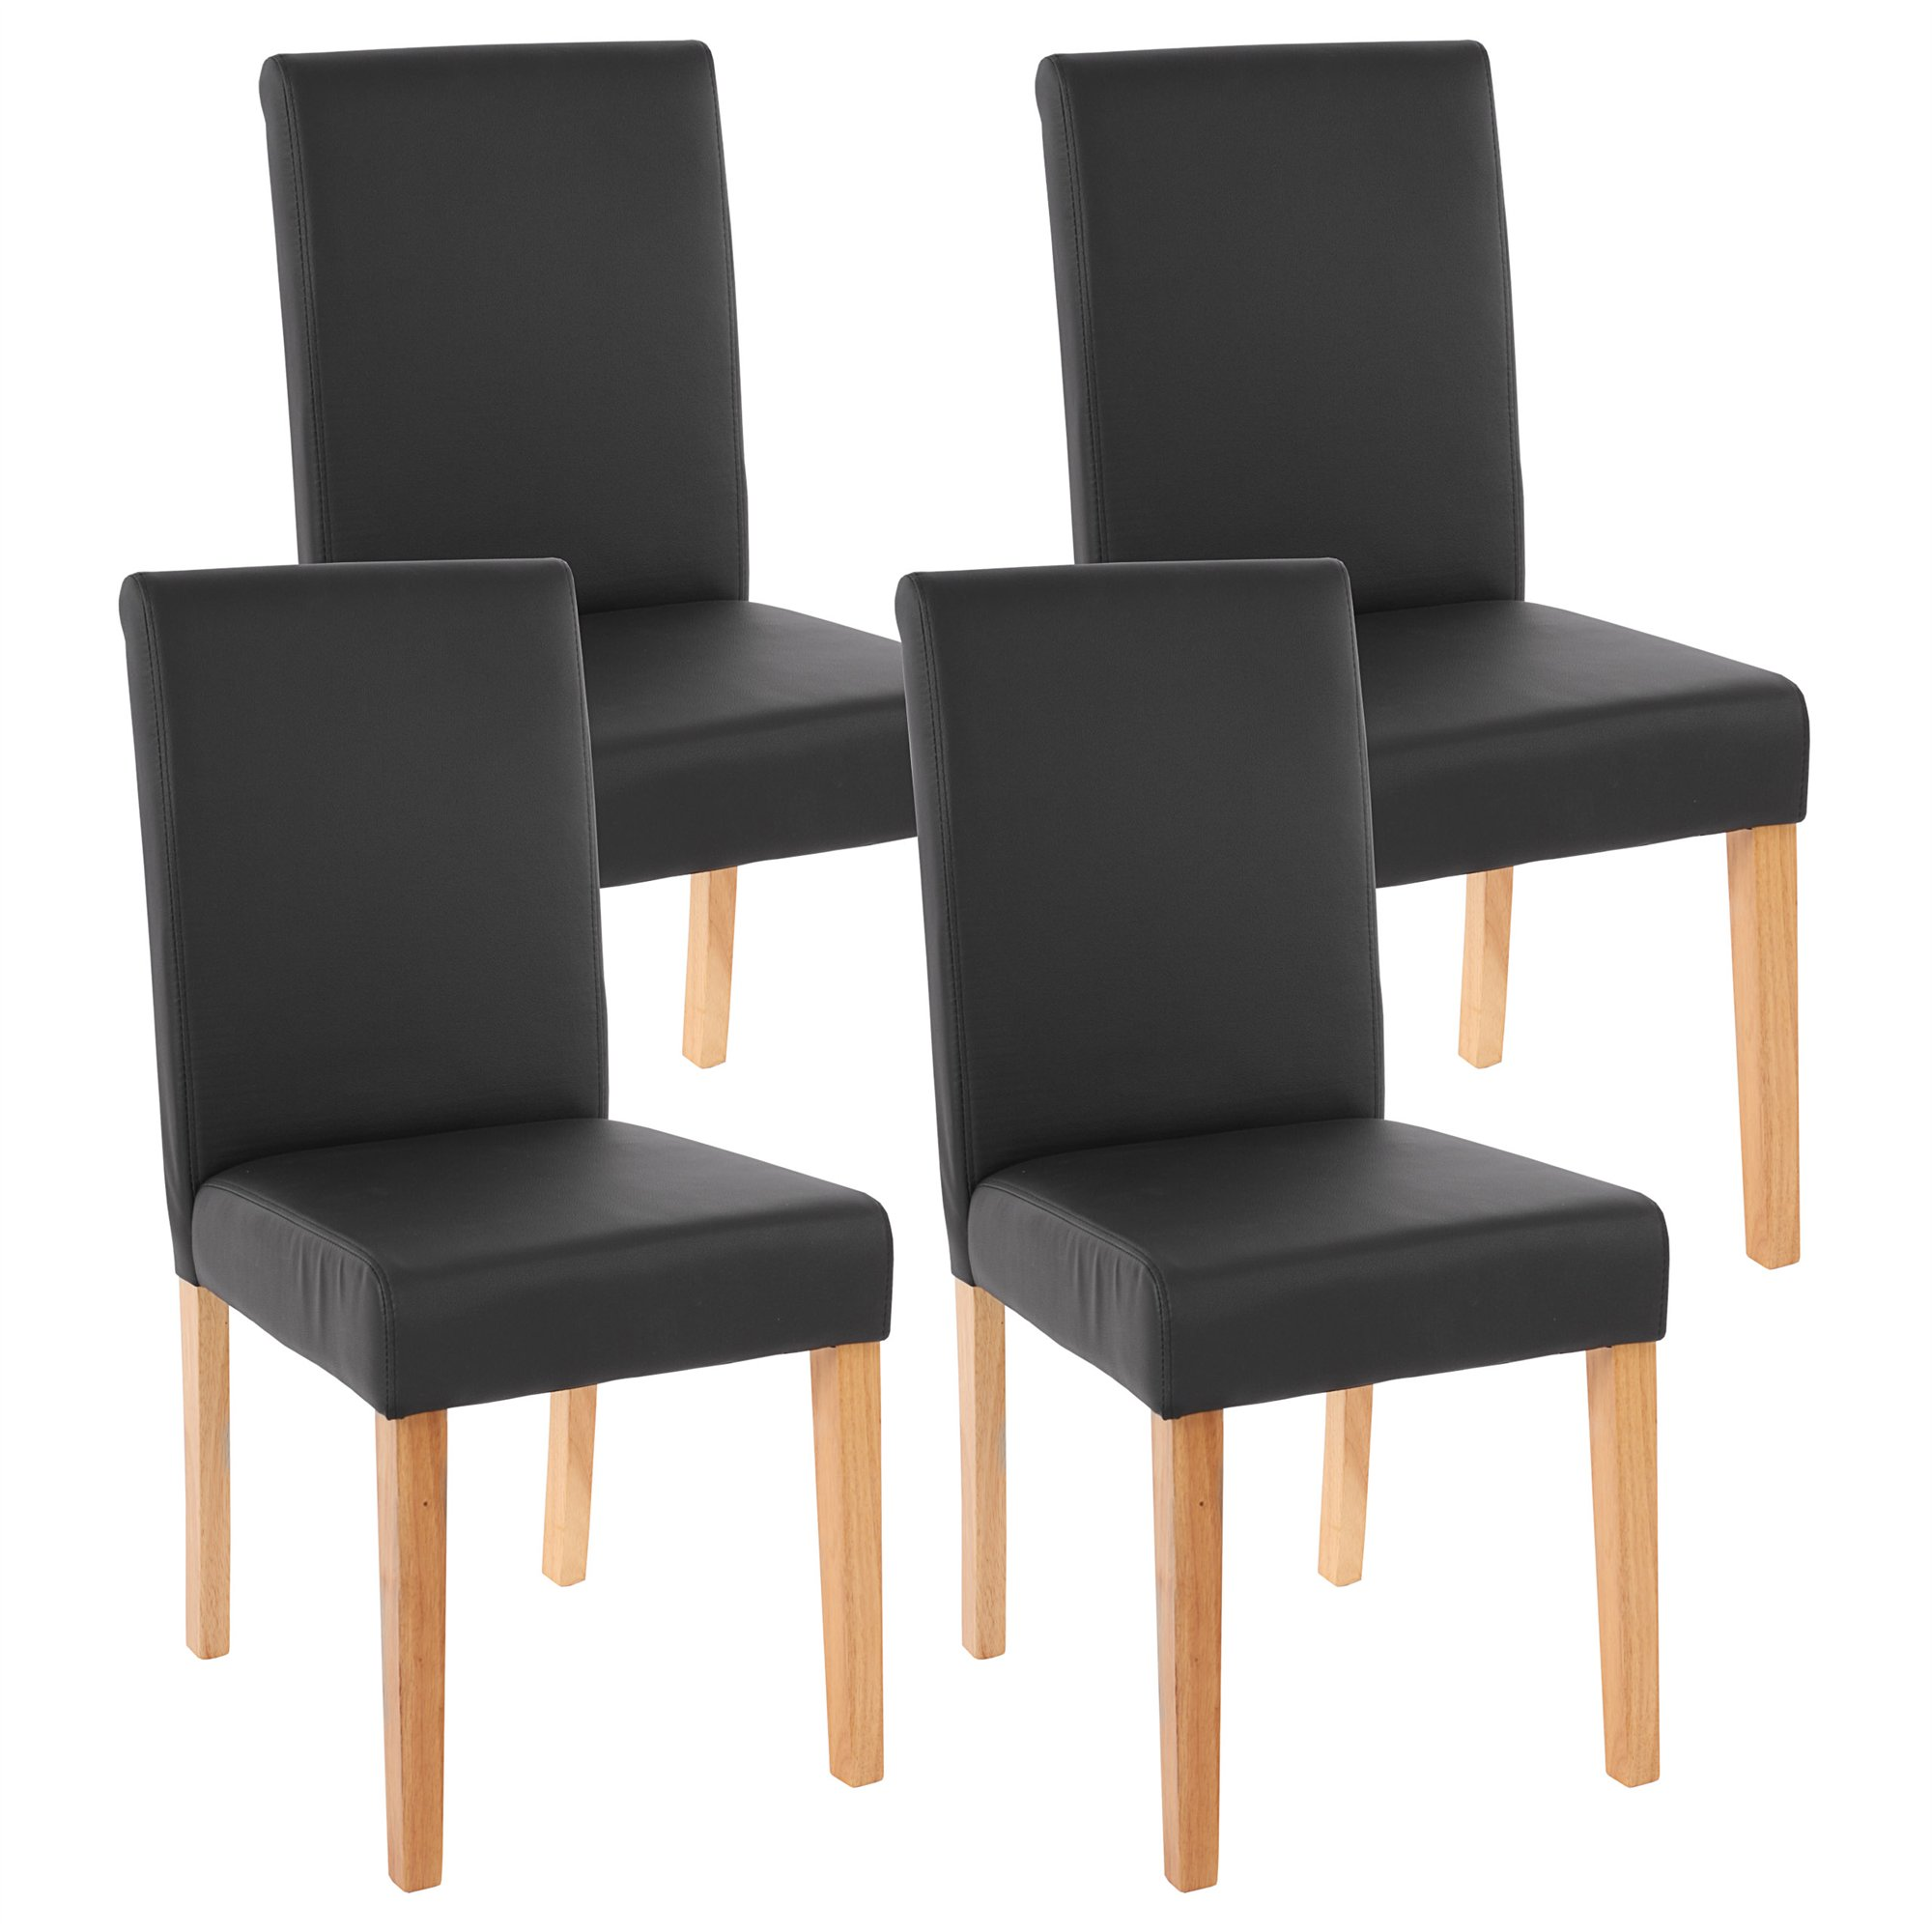 Conjunto 4 sillas de comedor litau en piel mate negra for Sillas de comedor de piel